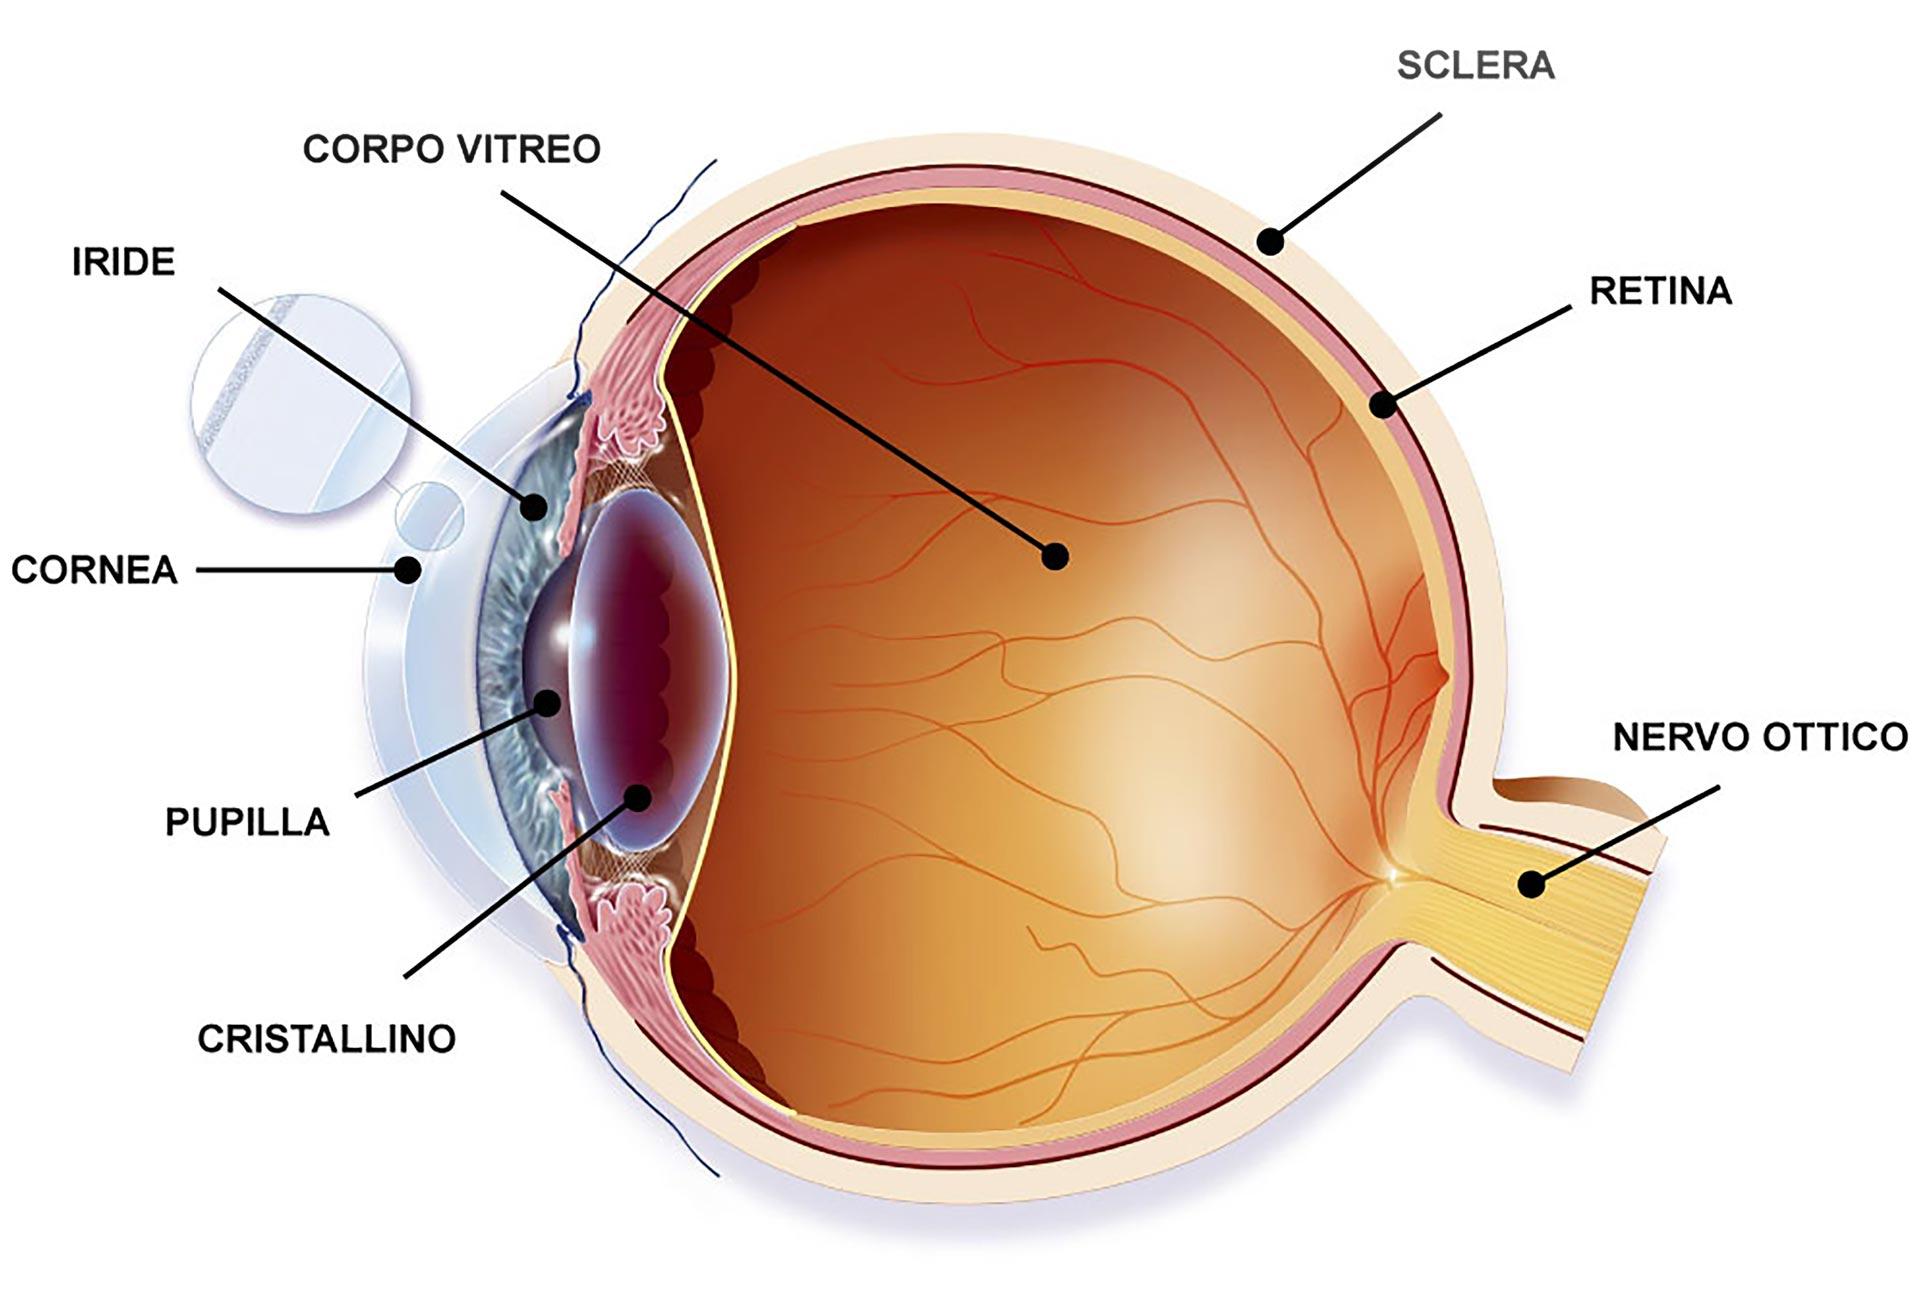 Anatomia dell'occhio – La cornea